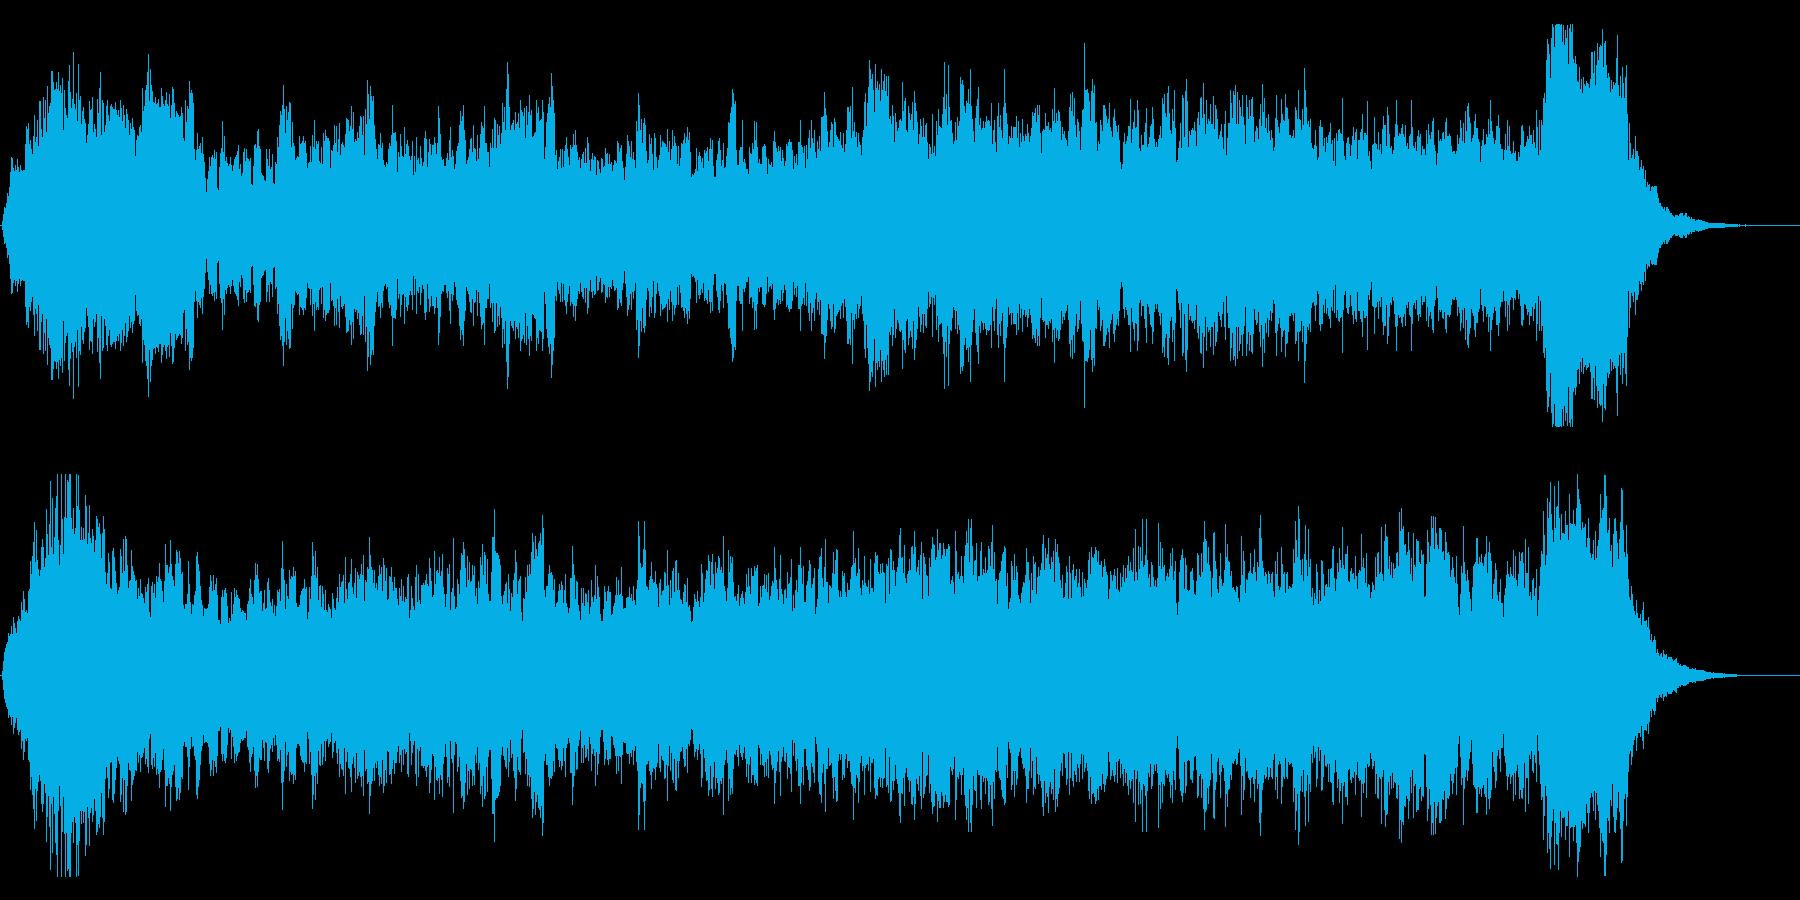 シリアスなハロウィン オープニングテーマの再生済みの波形